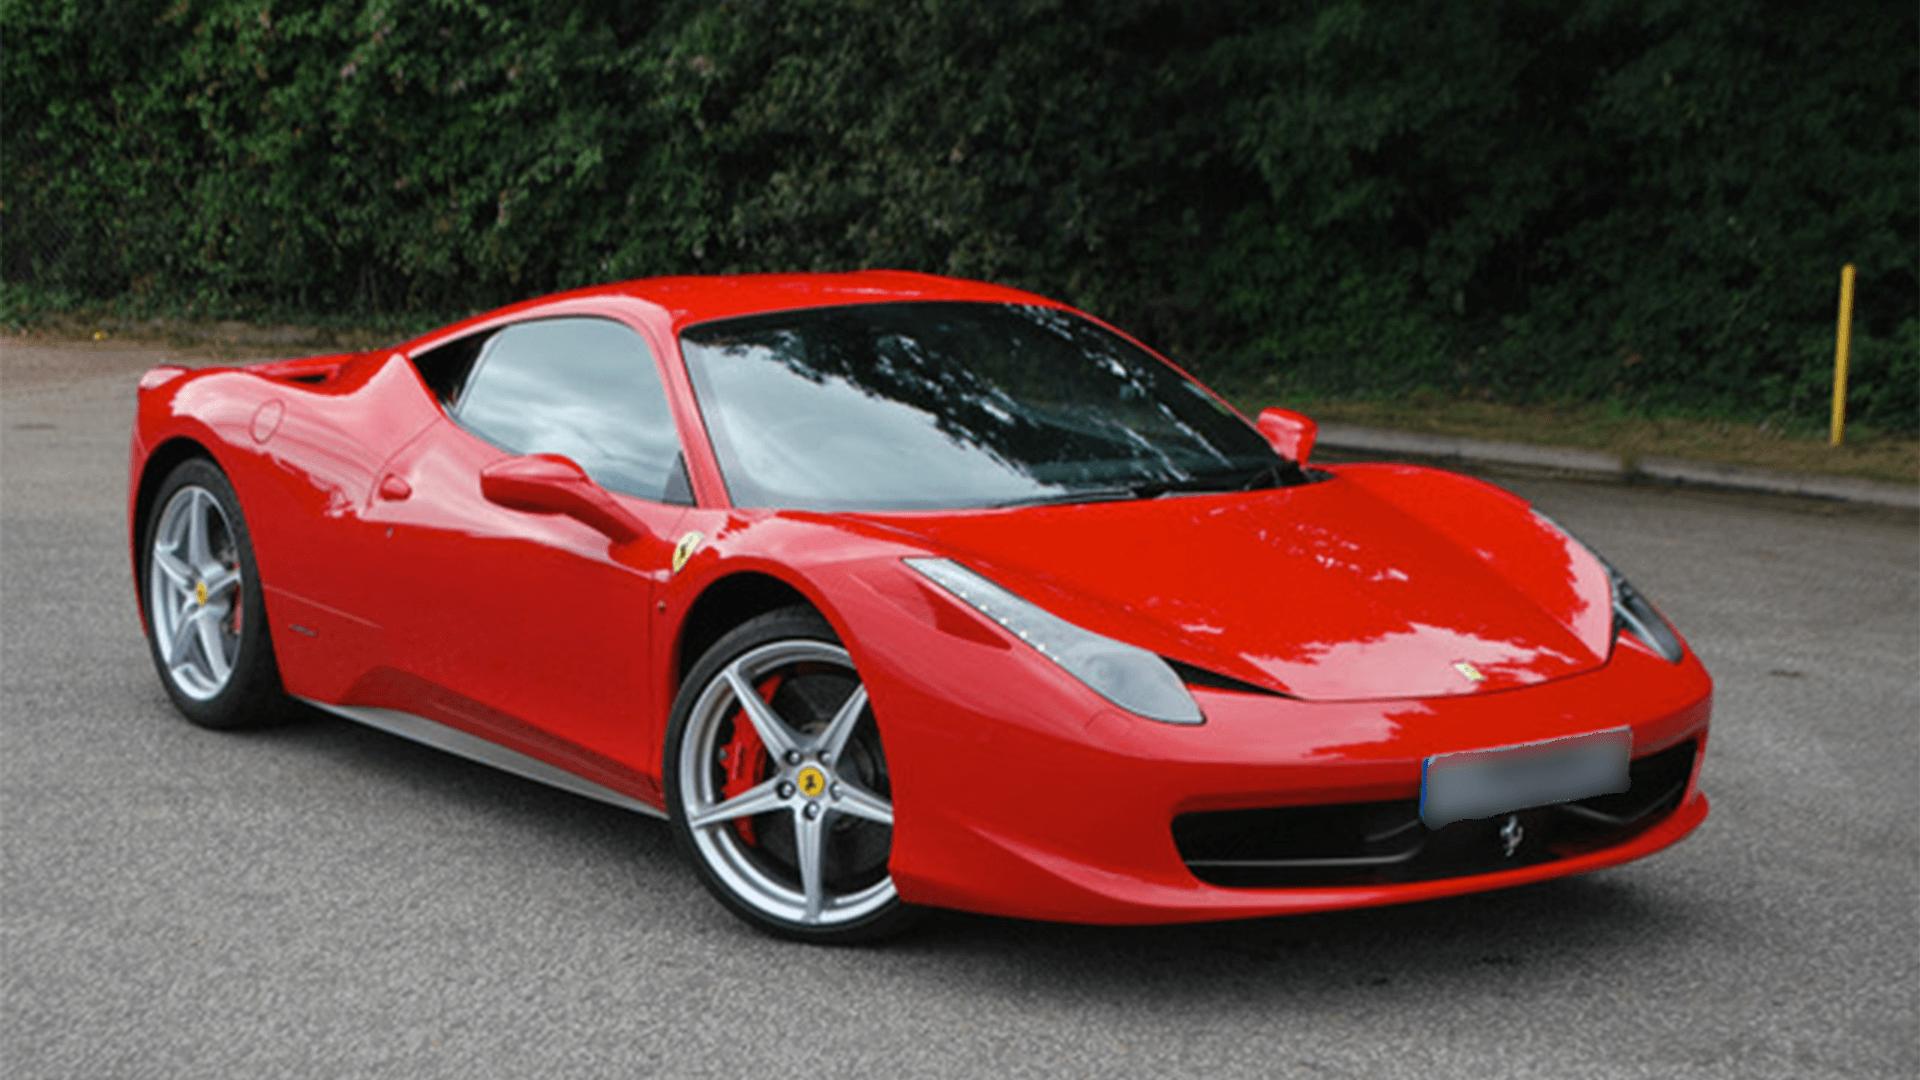 ferrari 458 italia coupe rental 458 italia coupe for hire